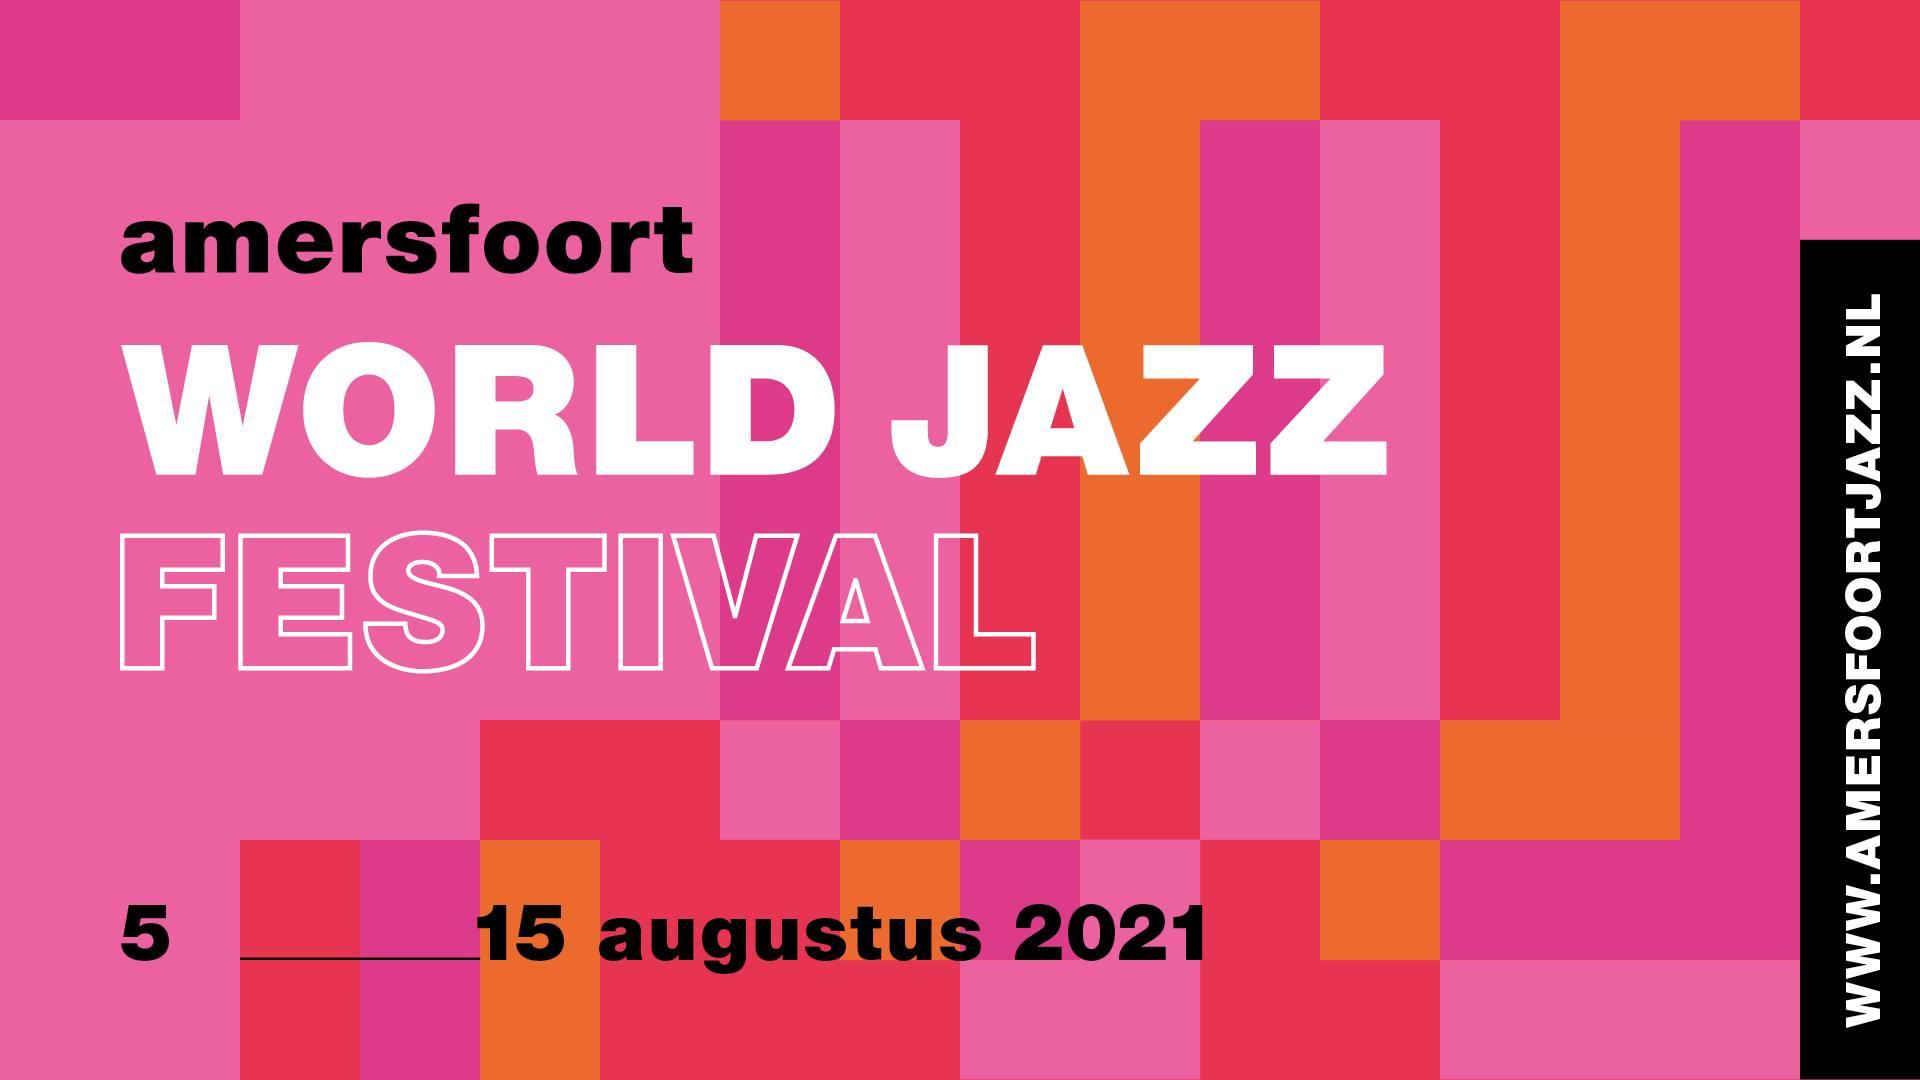 Amersfoort World Jazz Festival @ Amersfoort